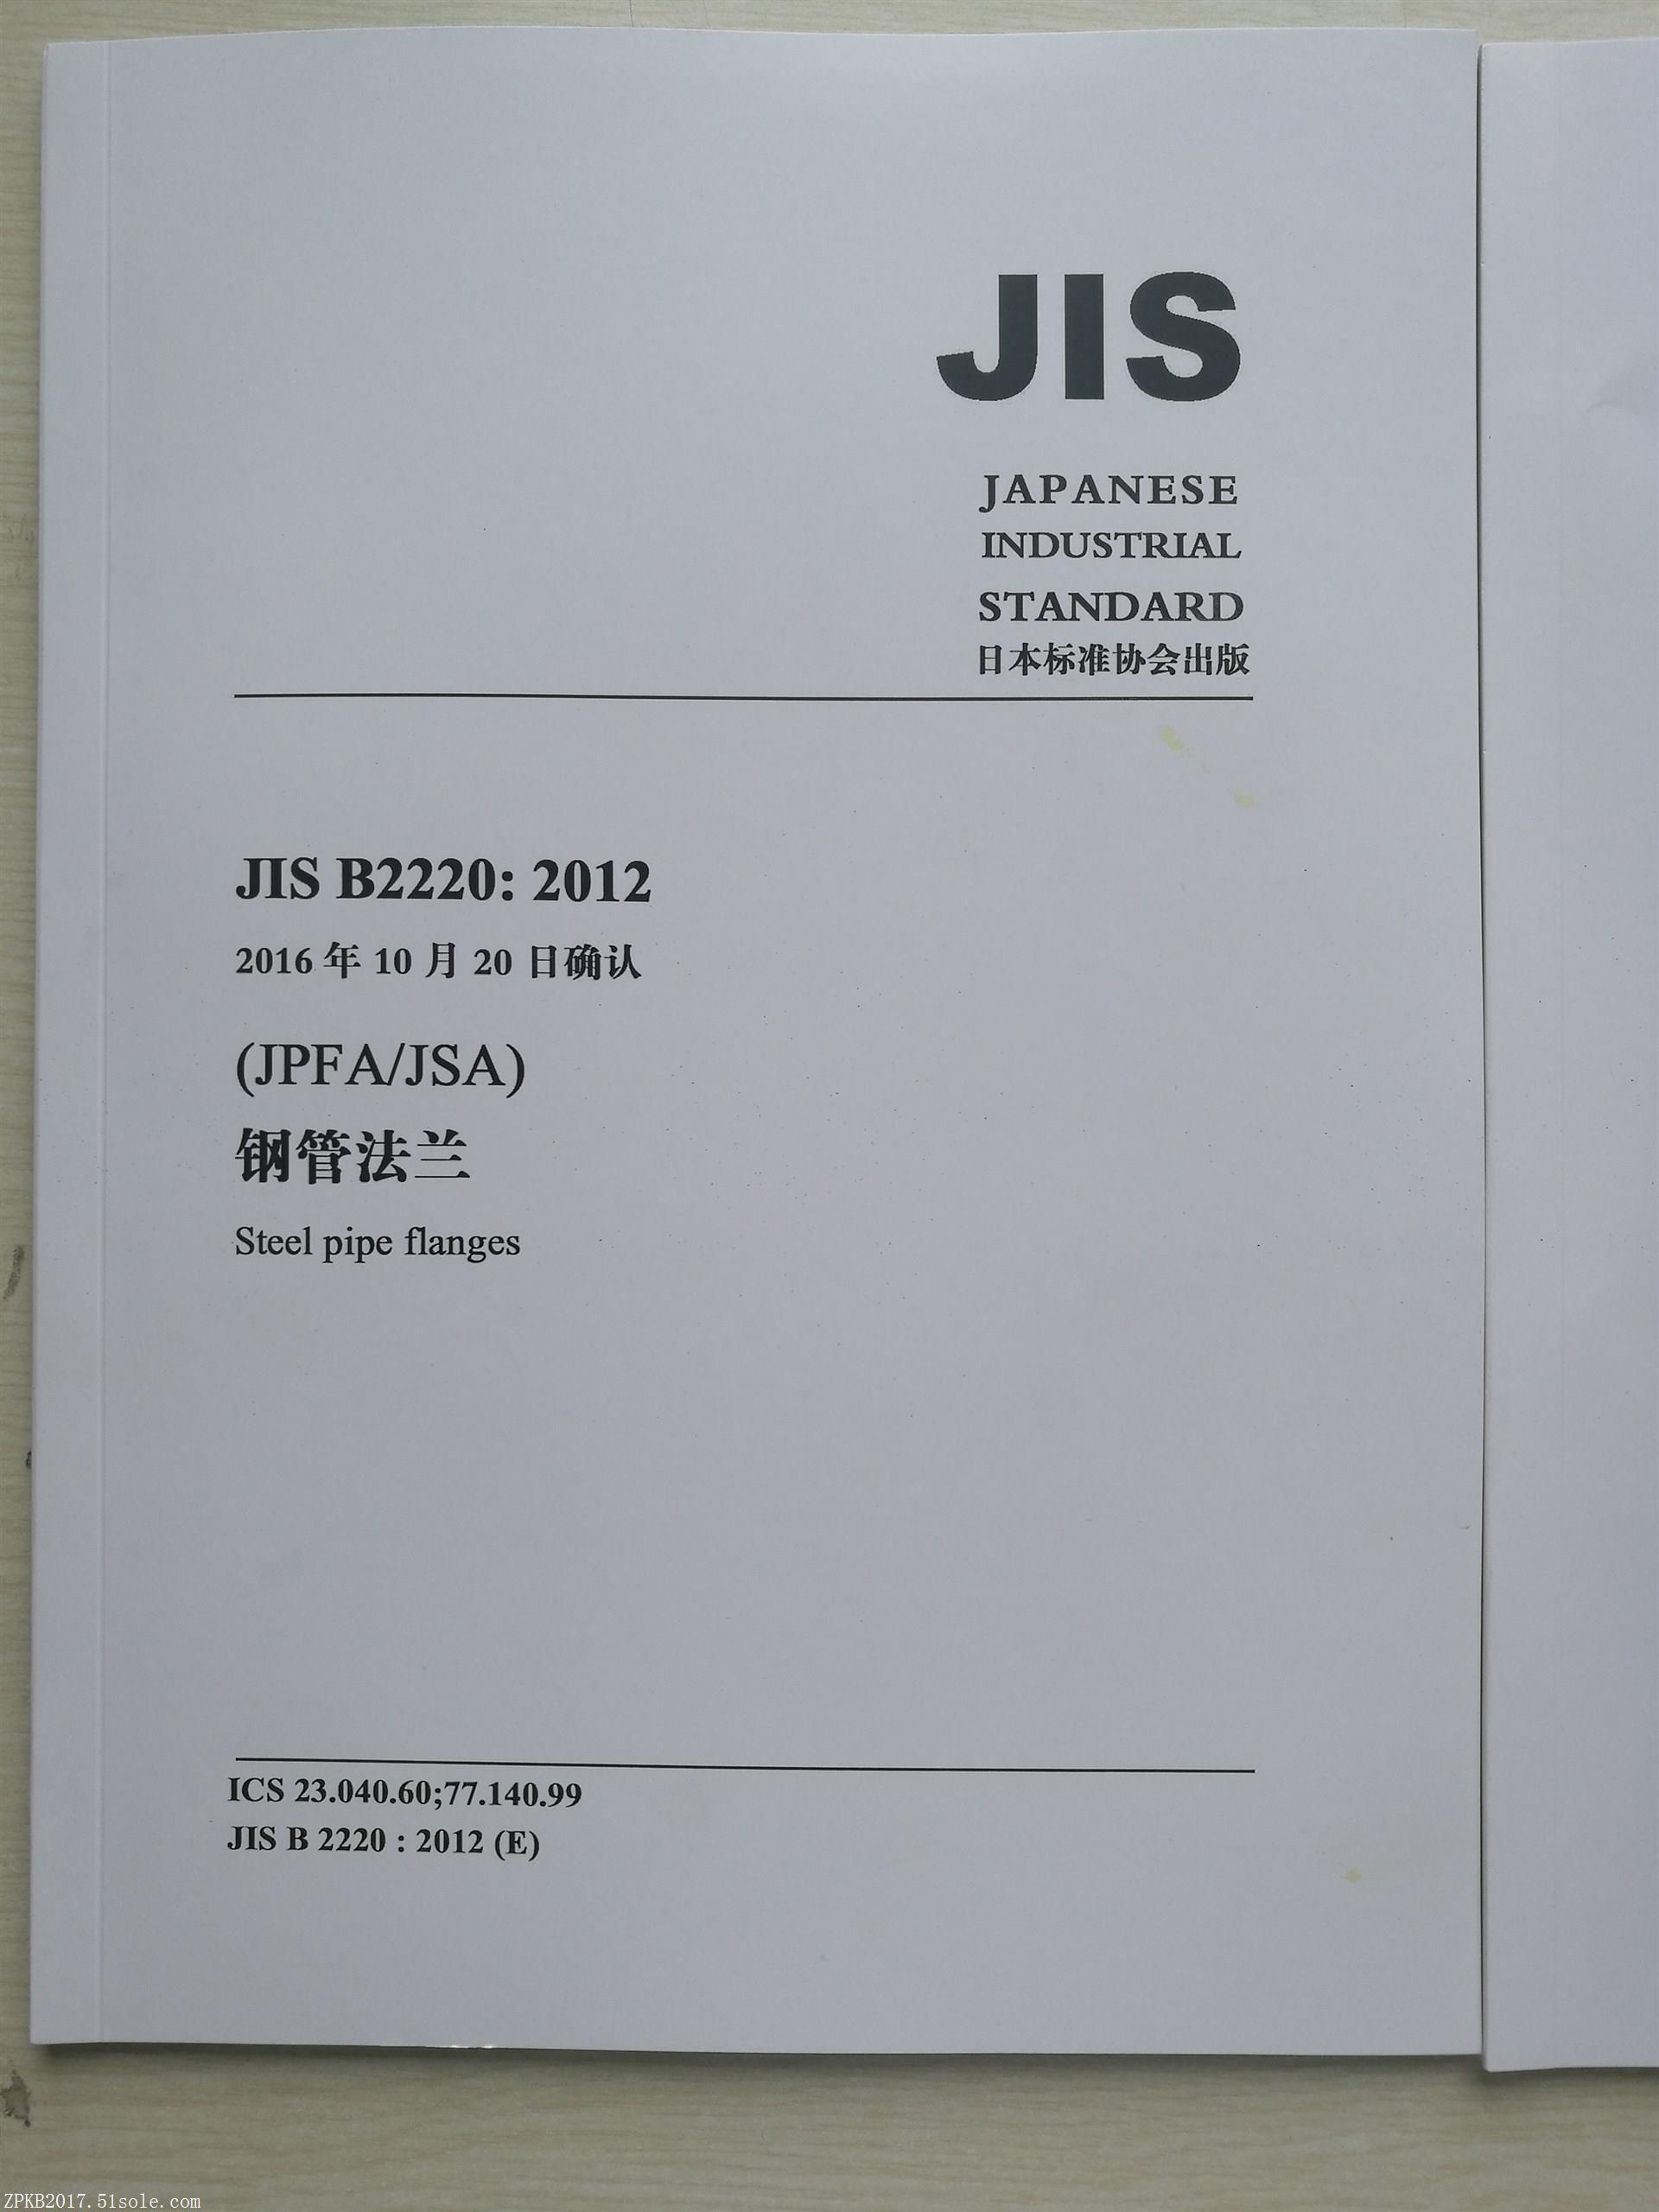 JIS日本标准 中文版 JIS B2220-2016钢管法兰